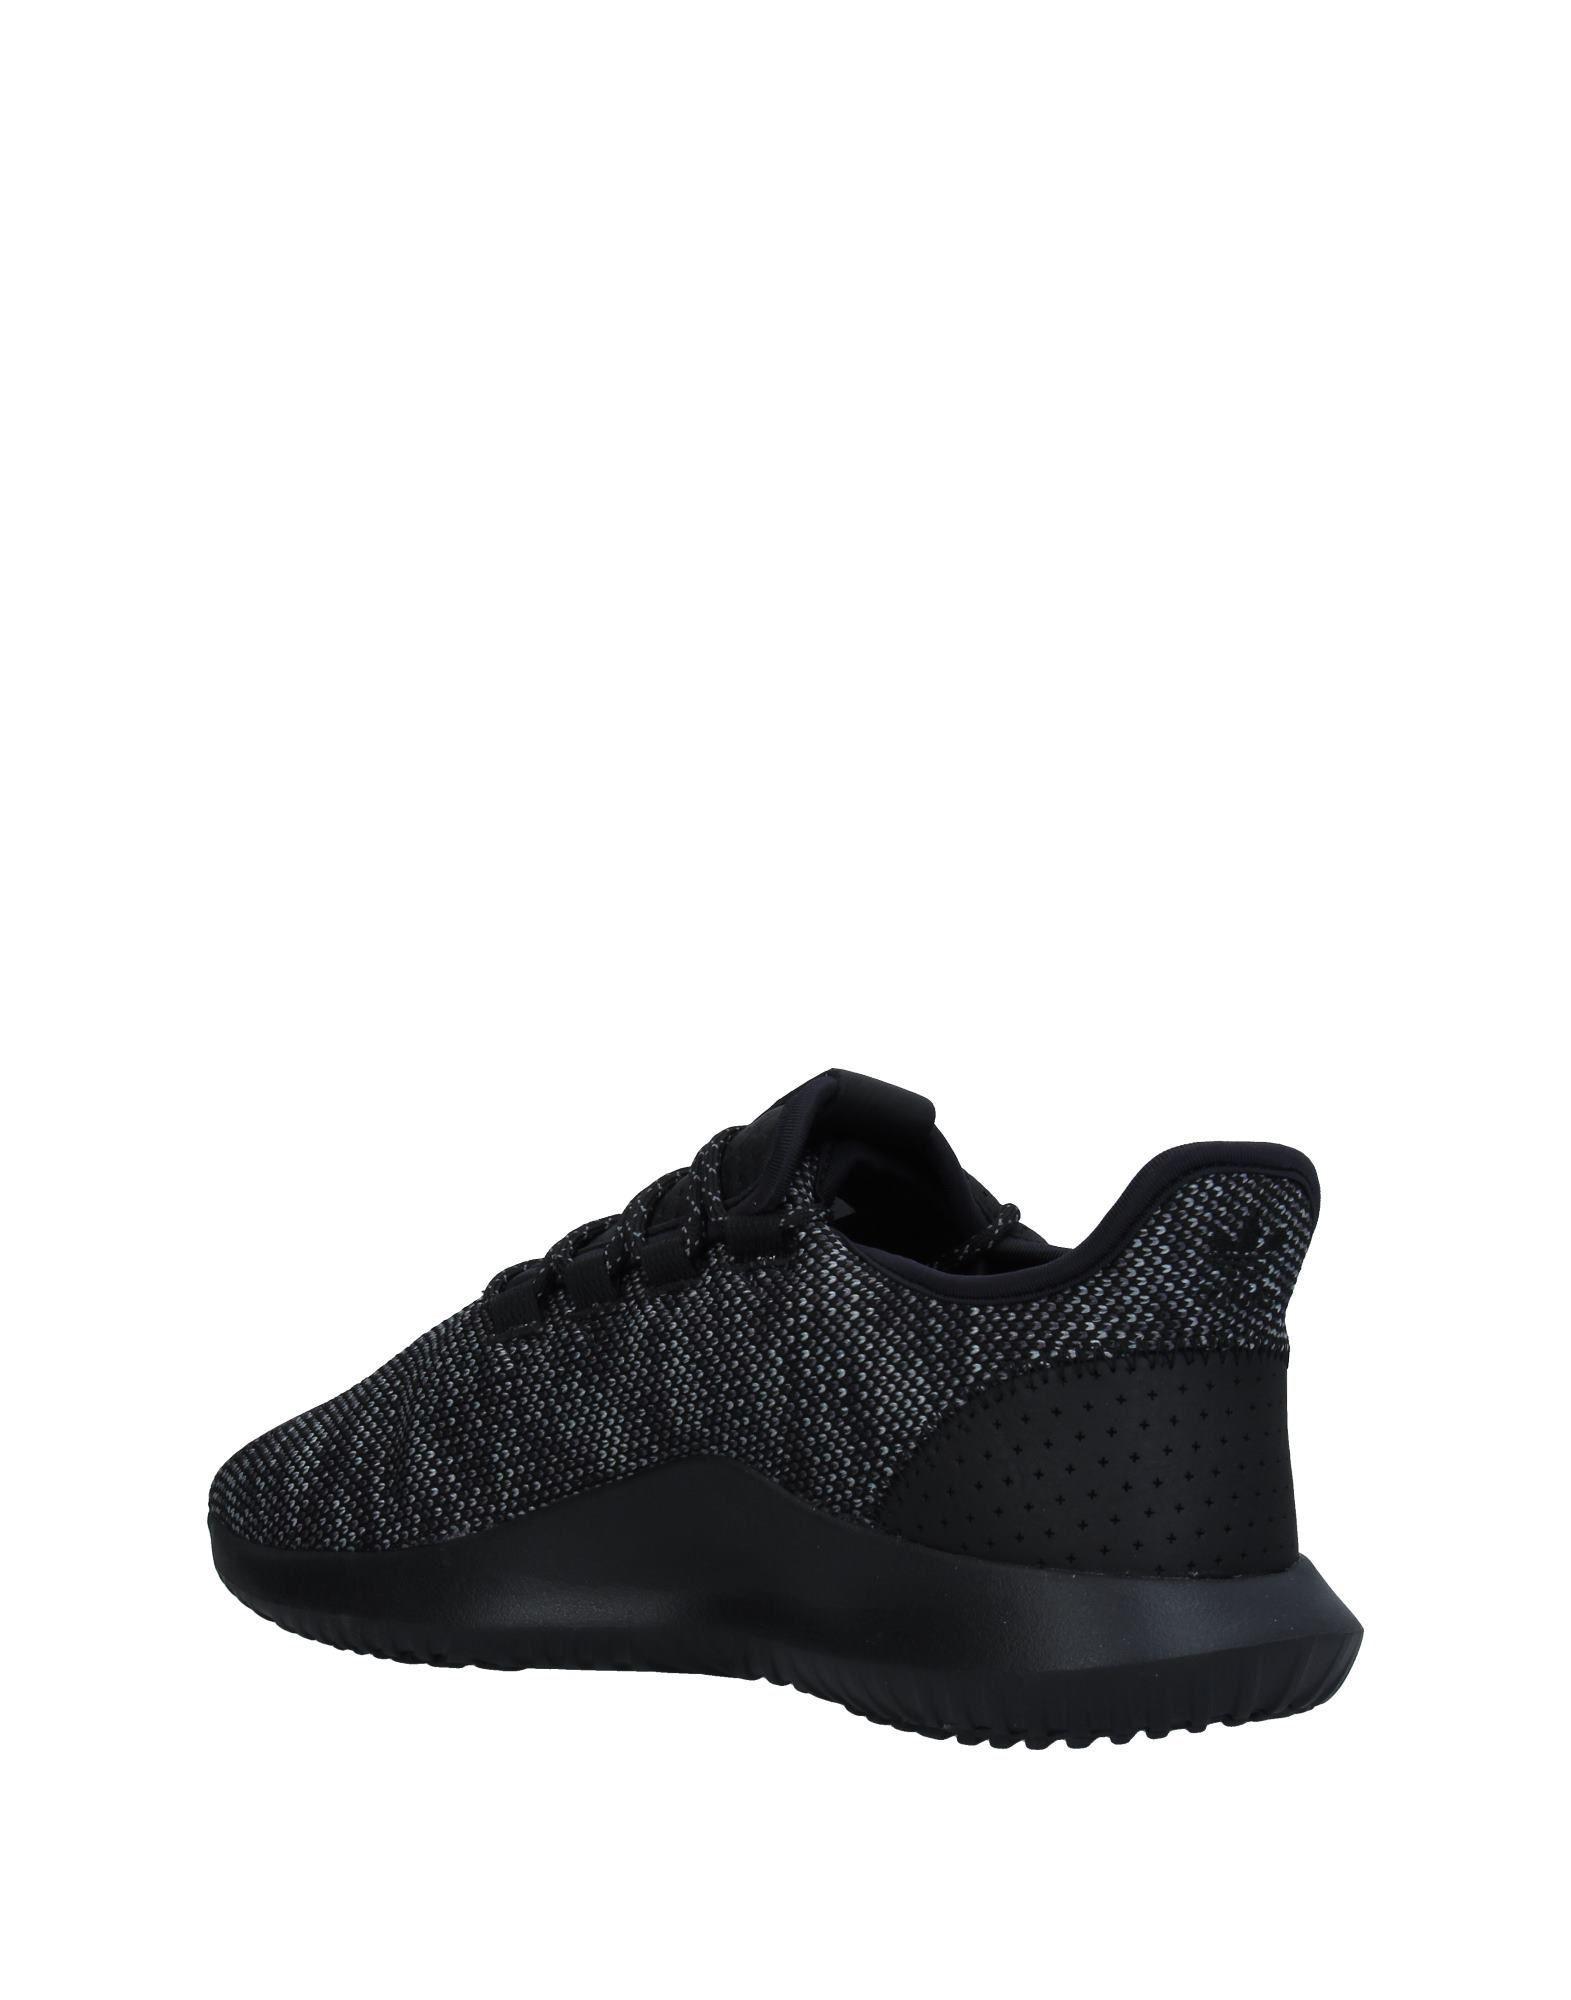 FOOTWEAR - Low-tops & sneakers Verba Q4YJxxXD